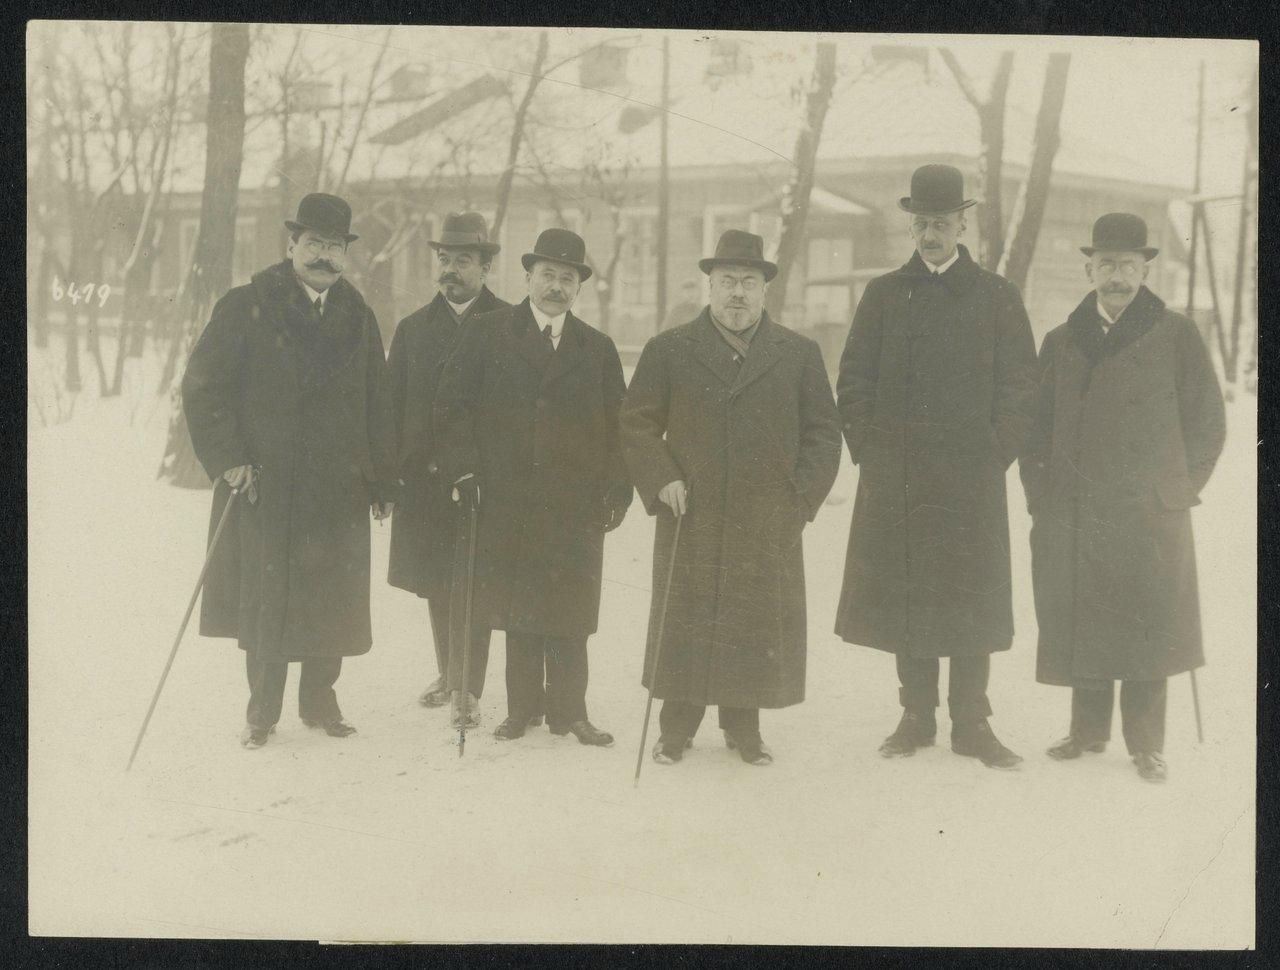 11Представители Центральных держав, в середине Ибрагим Хакки-паша и граф Оттокар Чернин фон унд цу Худениц на пути к переговорам